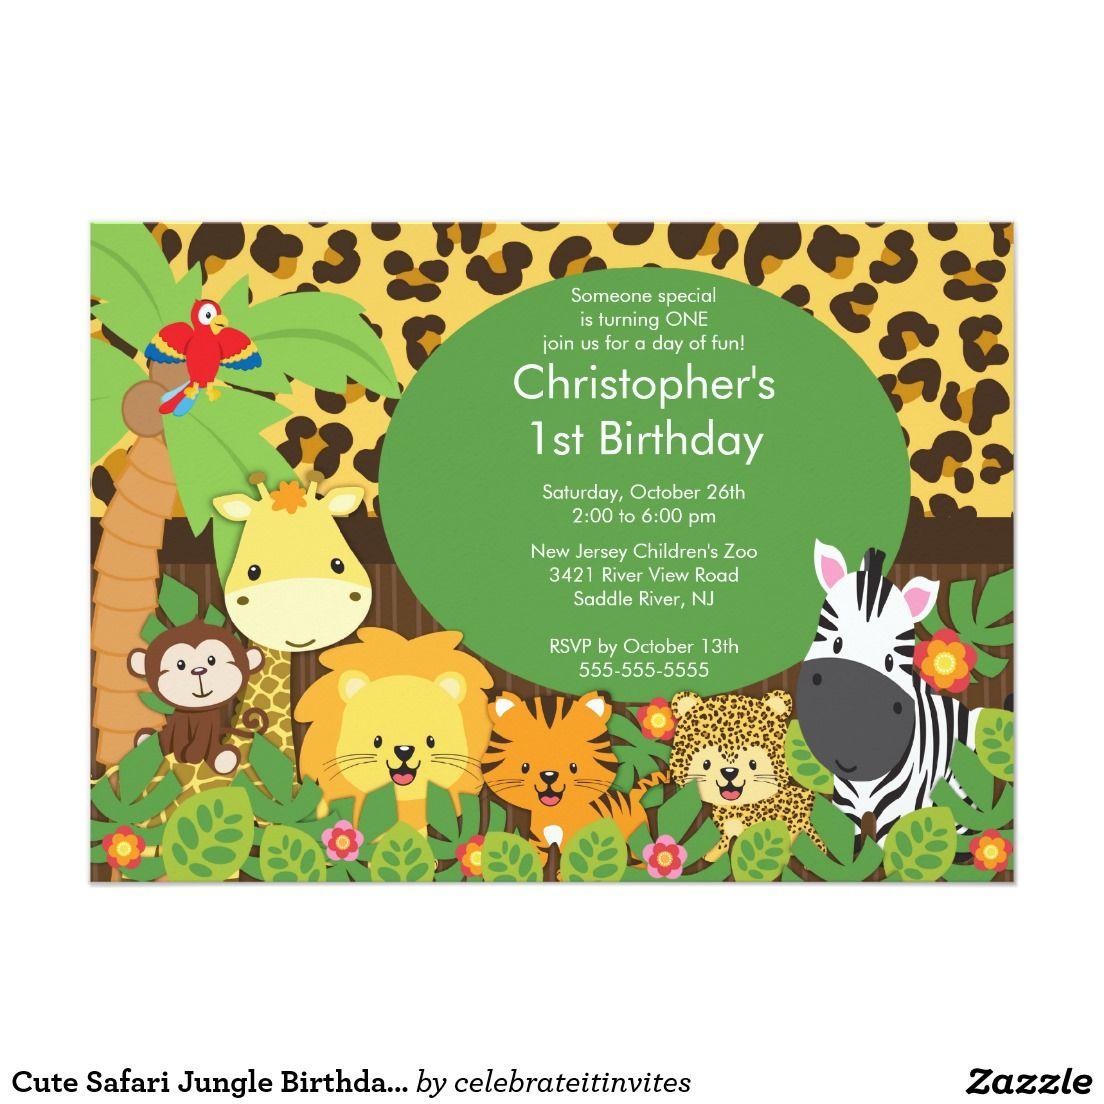 Cute safari jungle birthday party invitations party invitations cute safari jungle birthday party invitations 5 x 7 invitation card stopboris Images